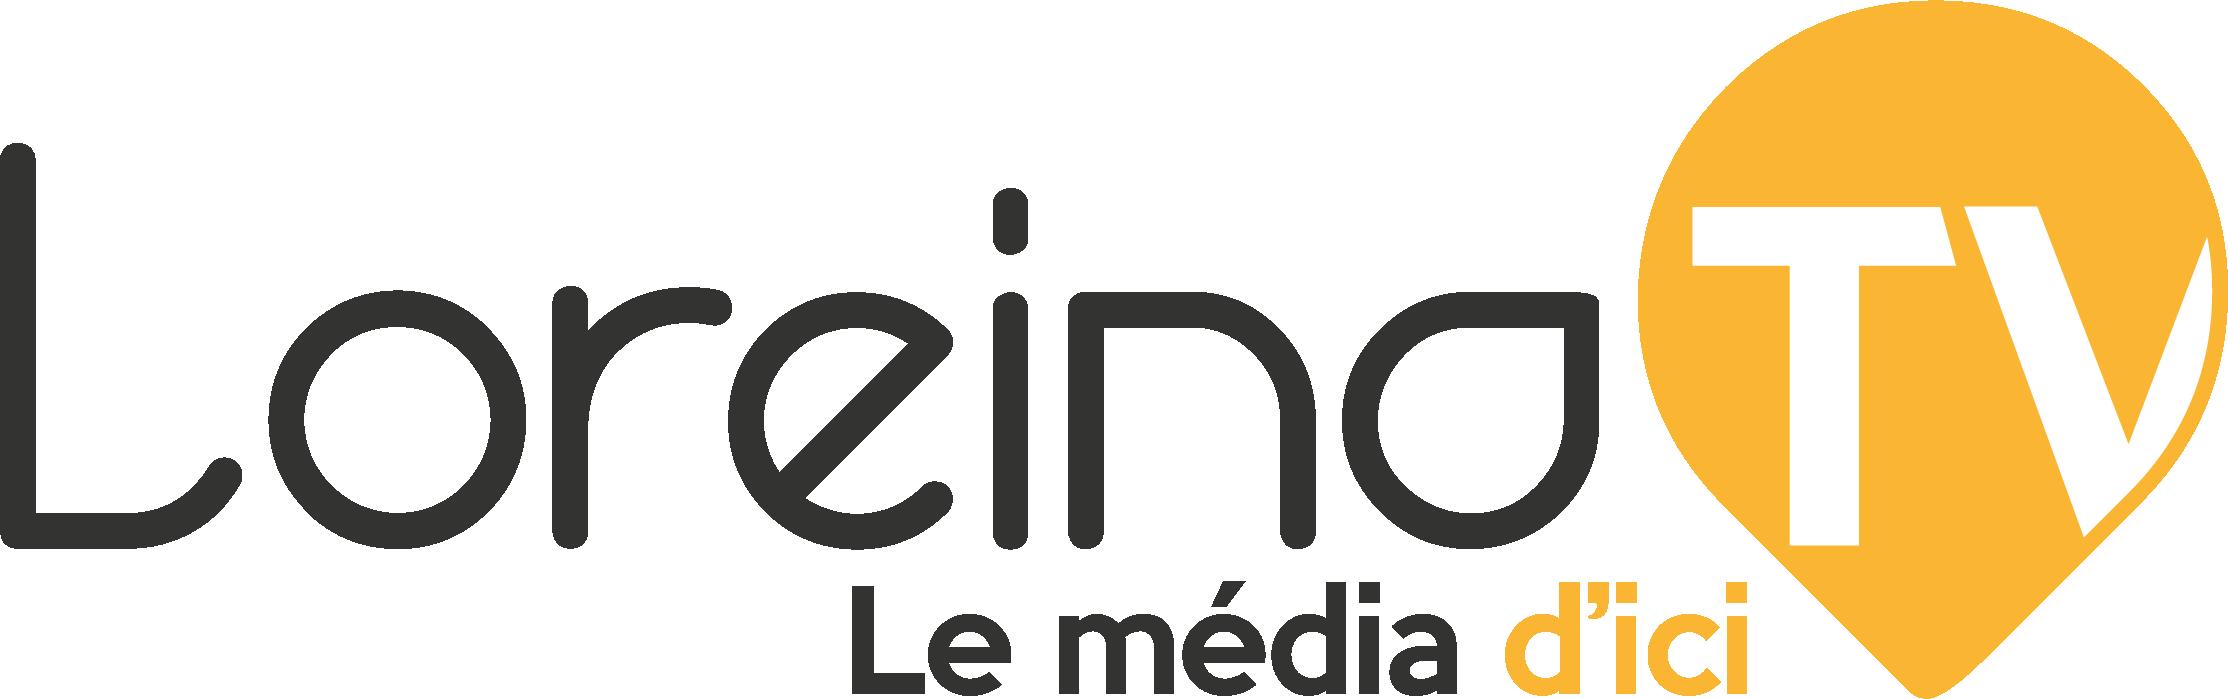 Loreina TV Logo